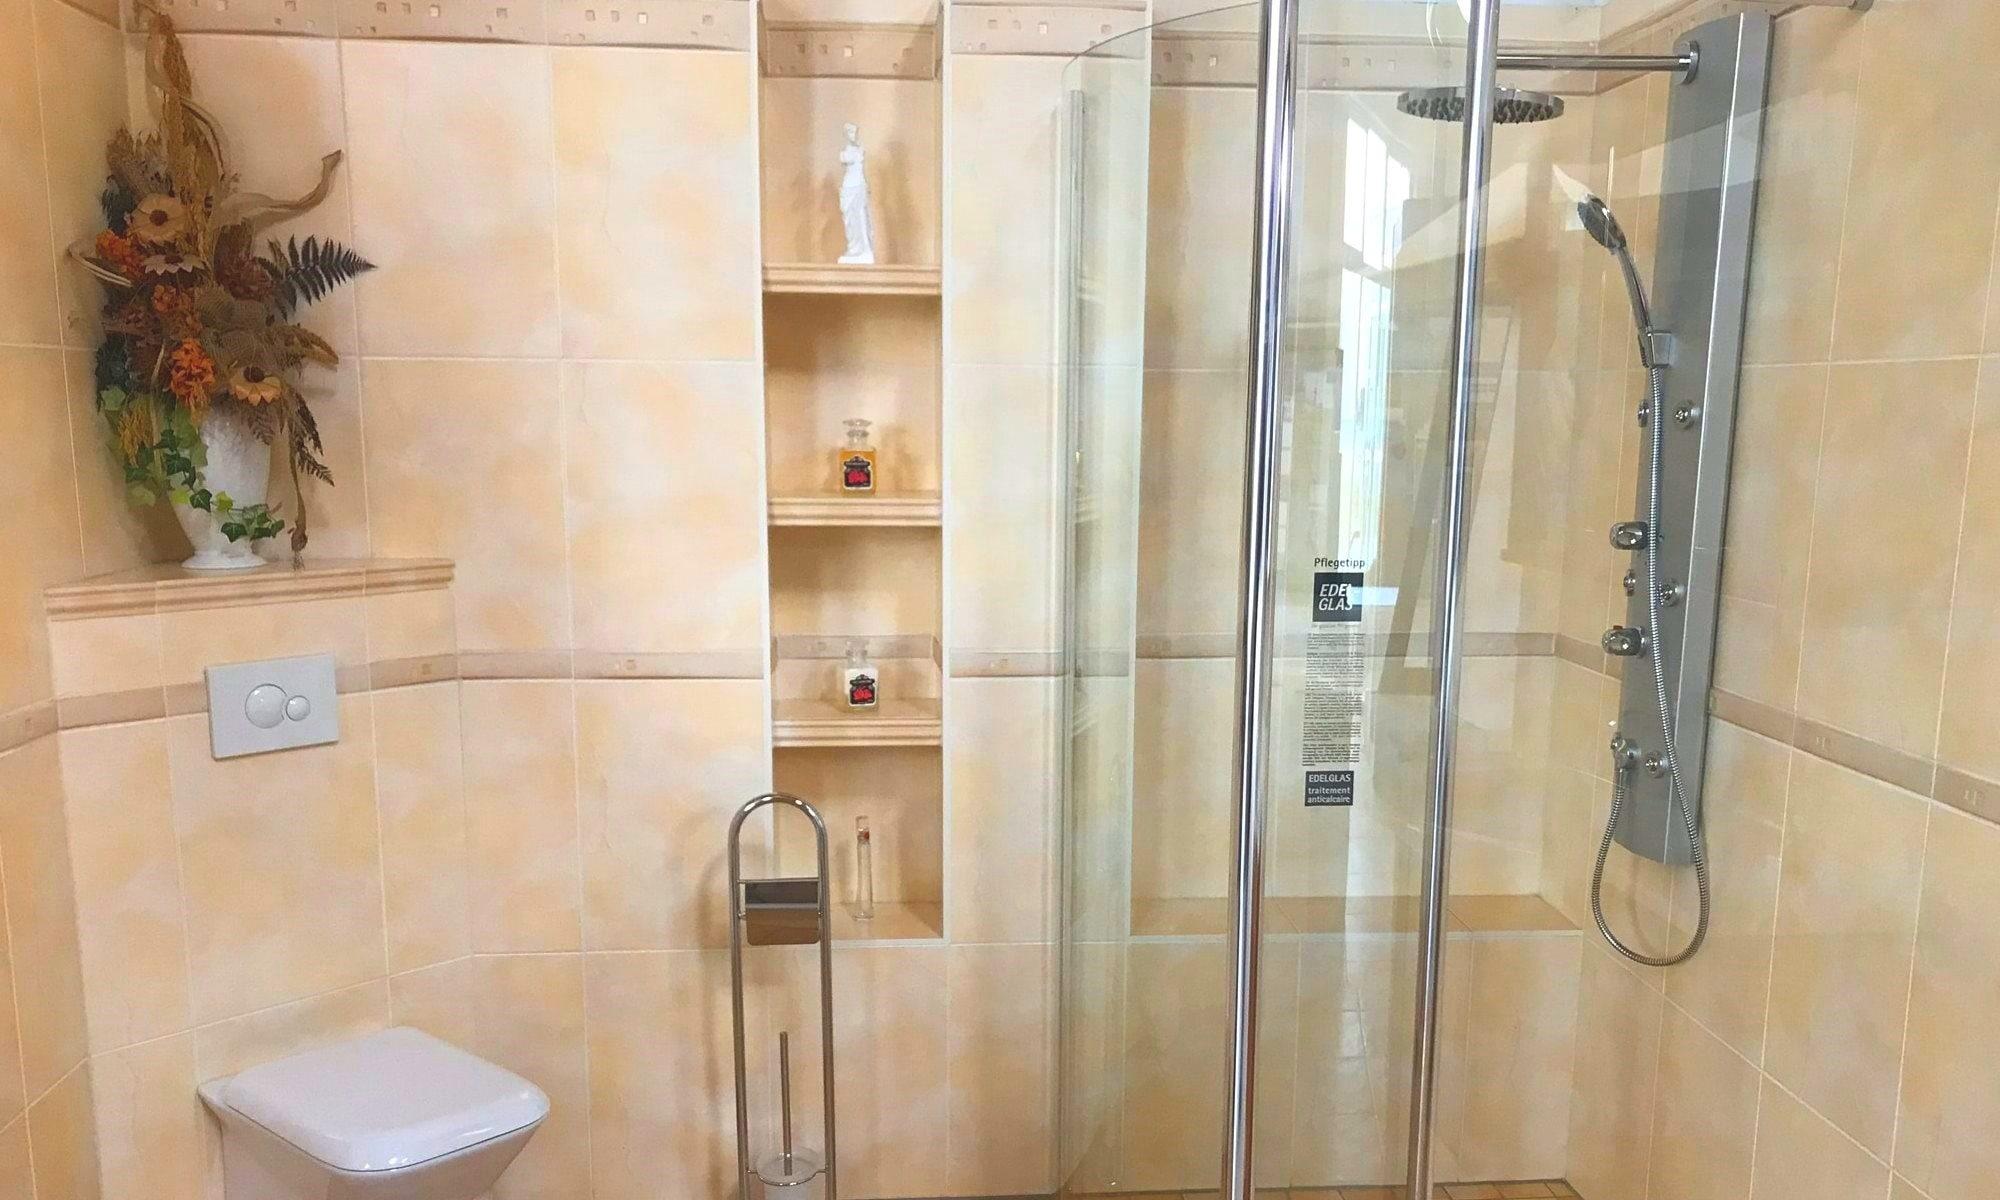 Fliesen-Sanitär-Kunath GmbH